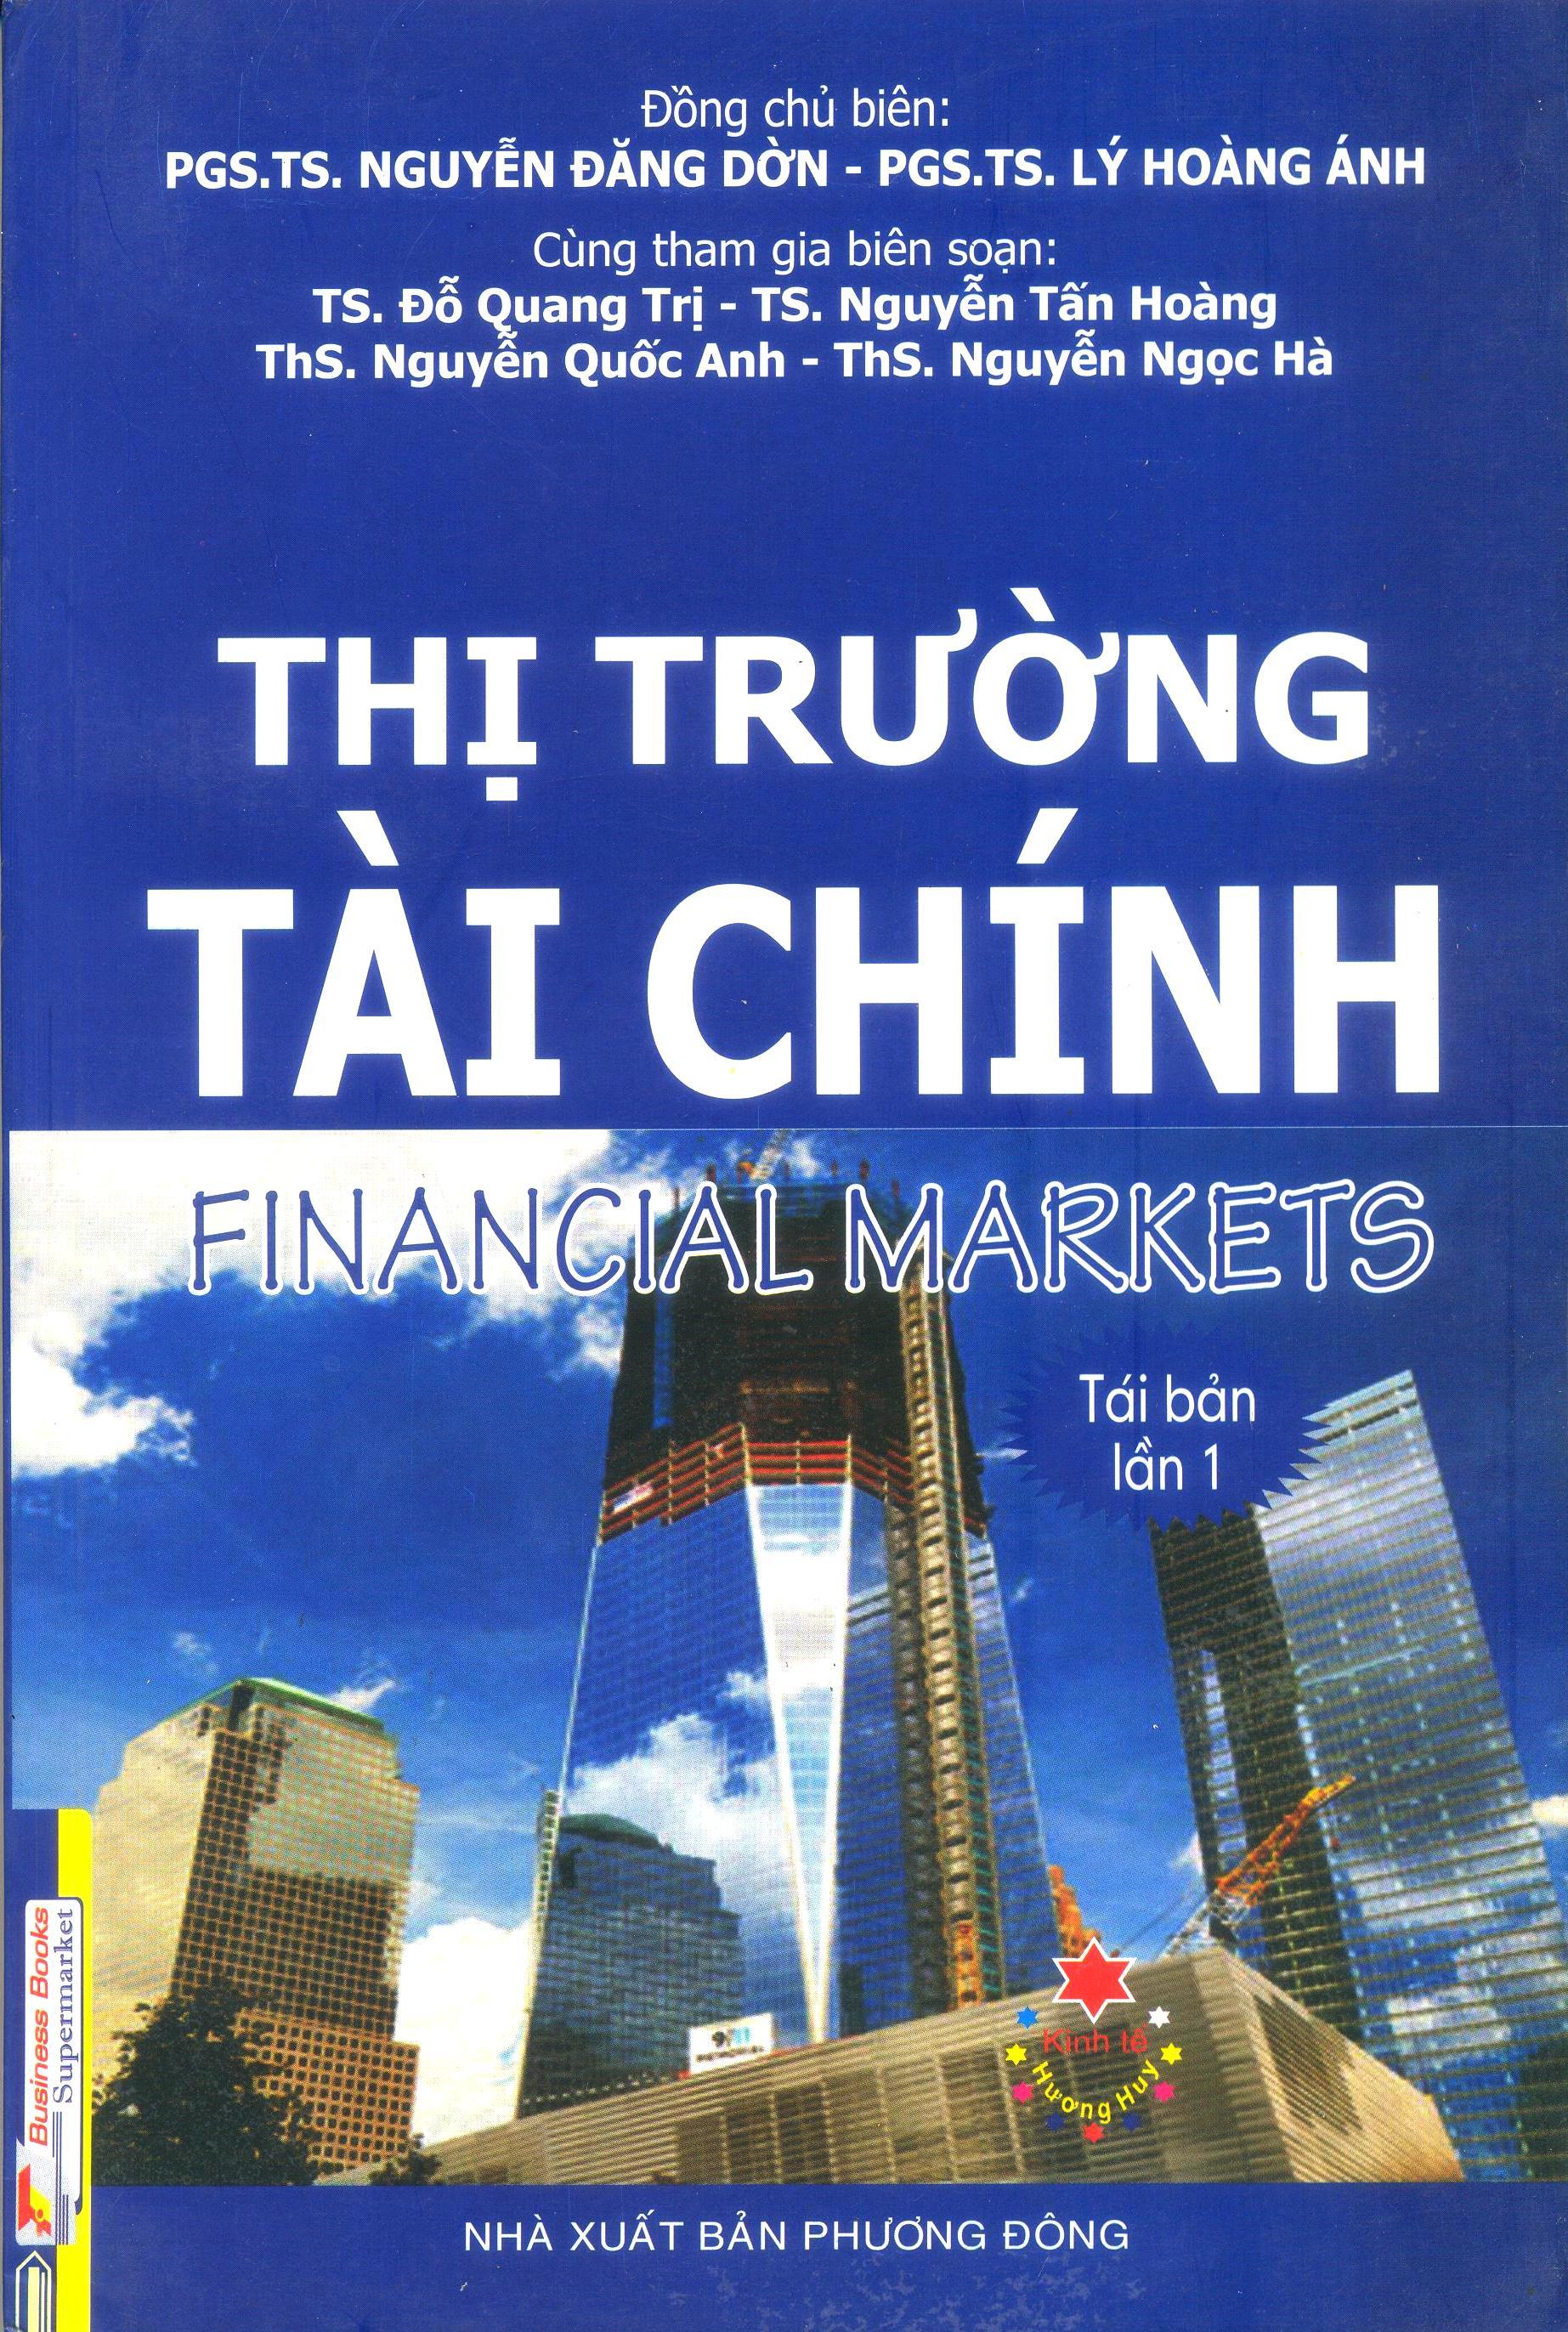 Thị Trường Tài Chính - 2030070003272,62_104590,82000,tiki.vn,Thi-Truong-Tai-Chinh-62_104590,Thị Trường Tài Chính